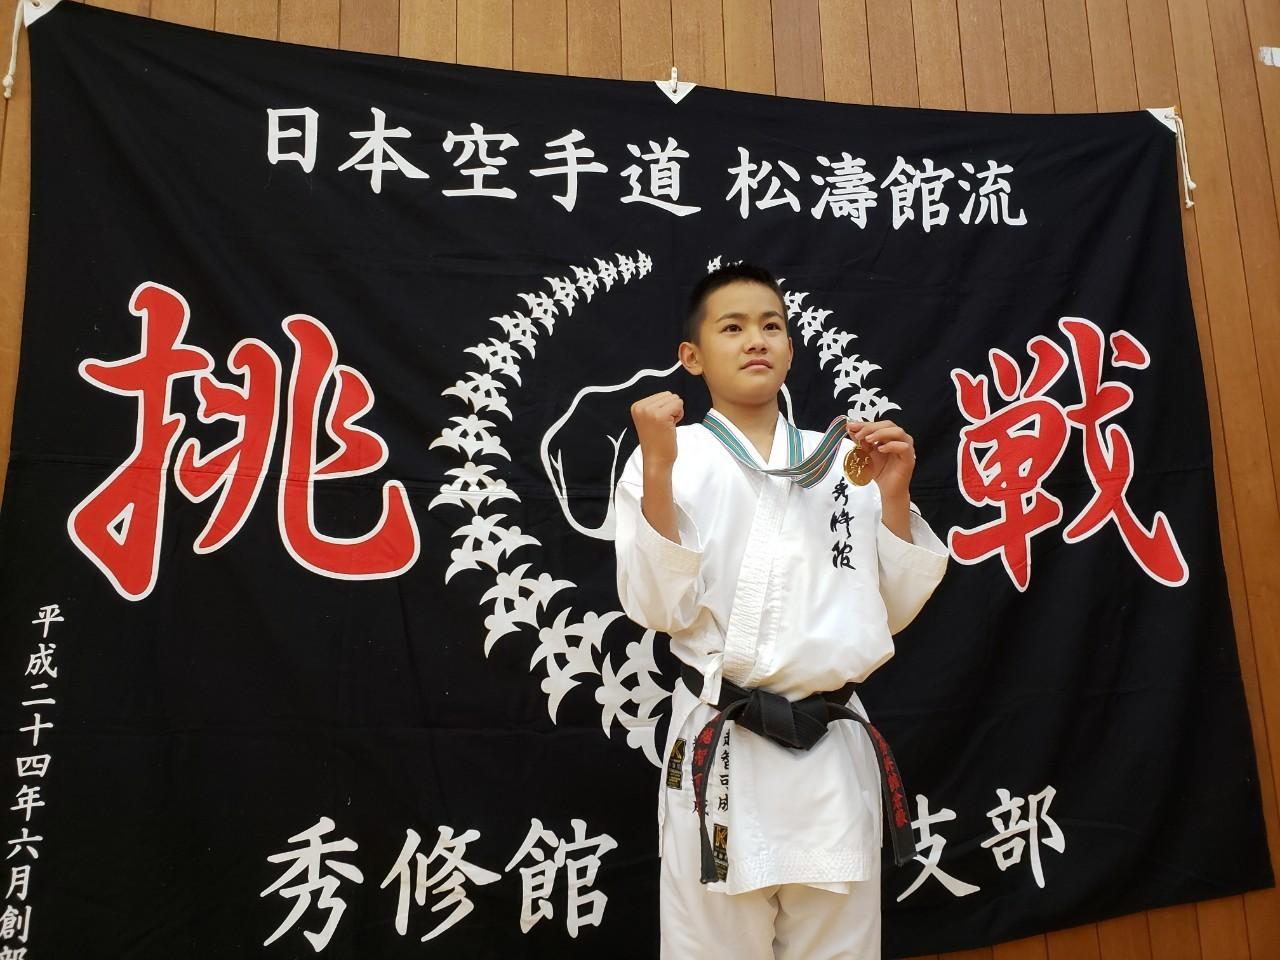 3rd JKFan Cup Web1 Challenge_d0290581_09405354.jpg